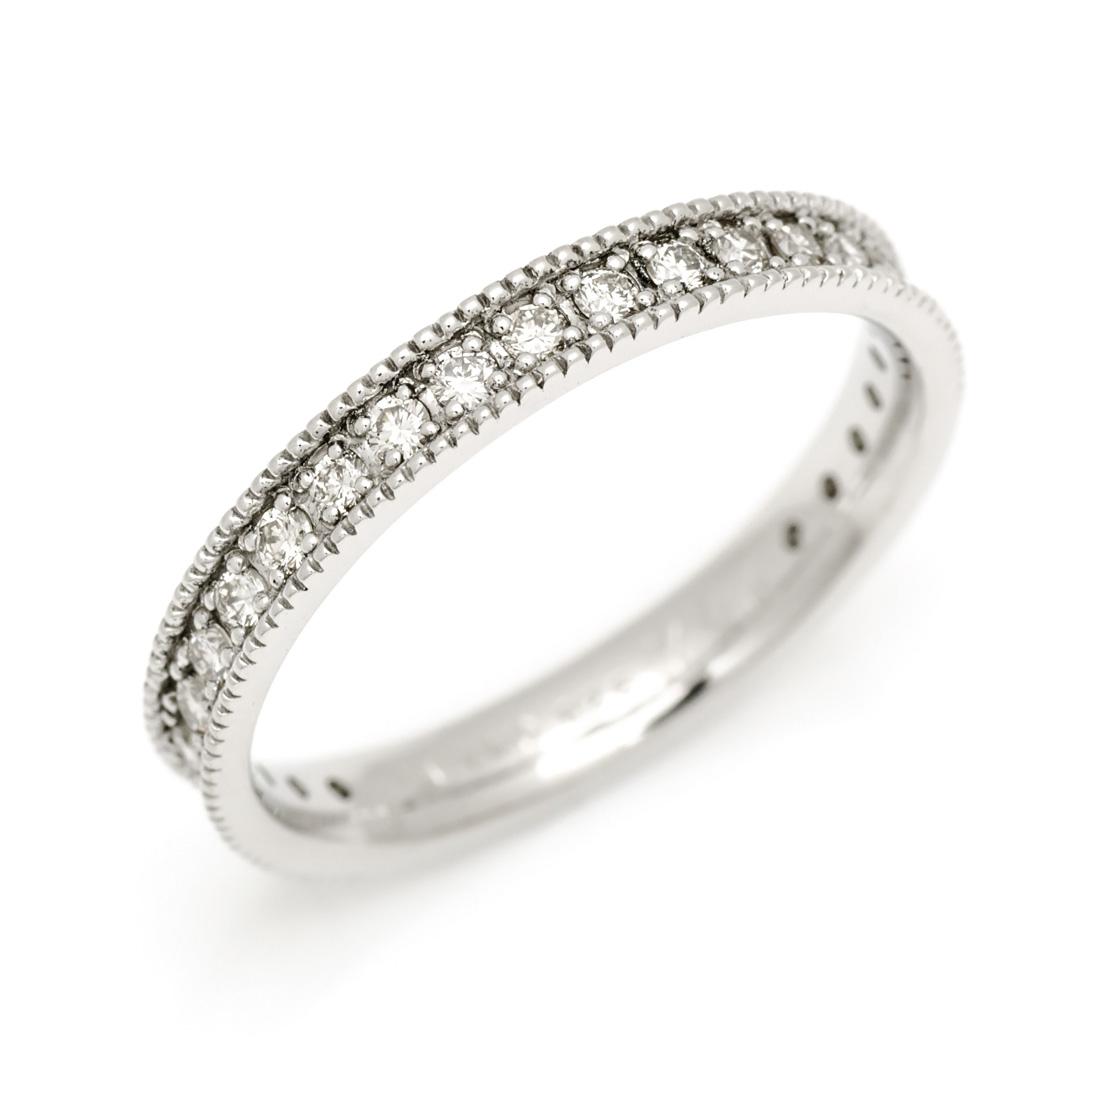 【GWクーポン配布中】K18 ダイヤモンド 0.25ct ミルグレイン エタニティリング 「gala」送料無料 指輪 ゴールド 18K 18金 ダイアモンド エタニティーリング ミル打ち 誕生日 4月誕生石 刻印 文字入れ メッセージ ギフト 贈り物 ピンキーリング対応可能